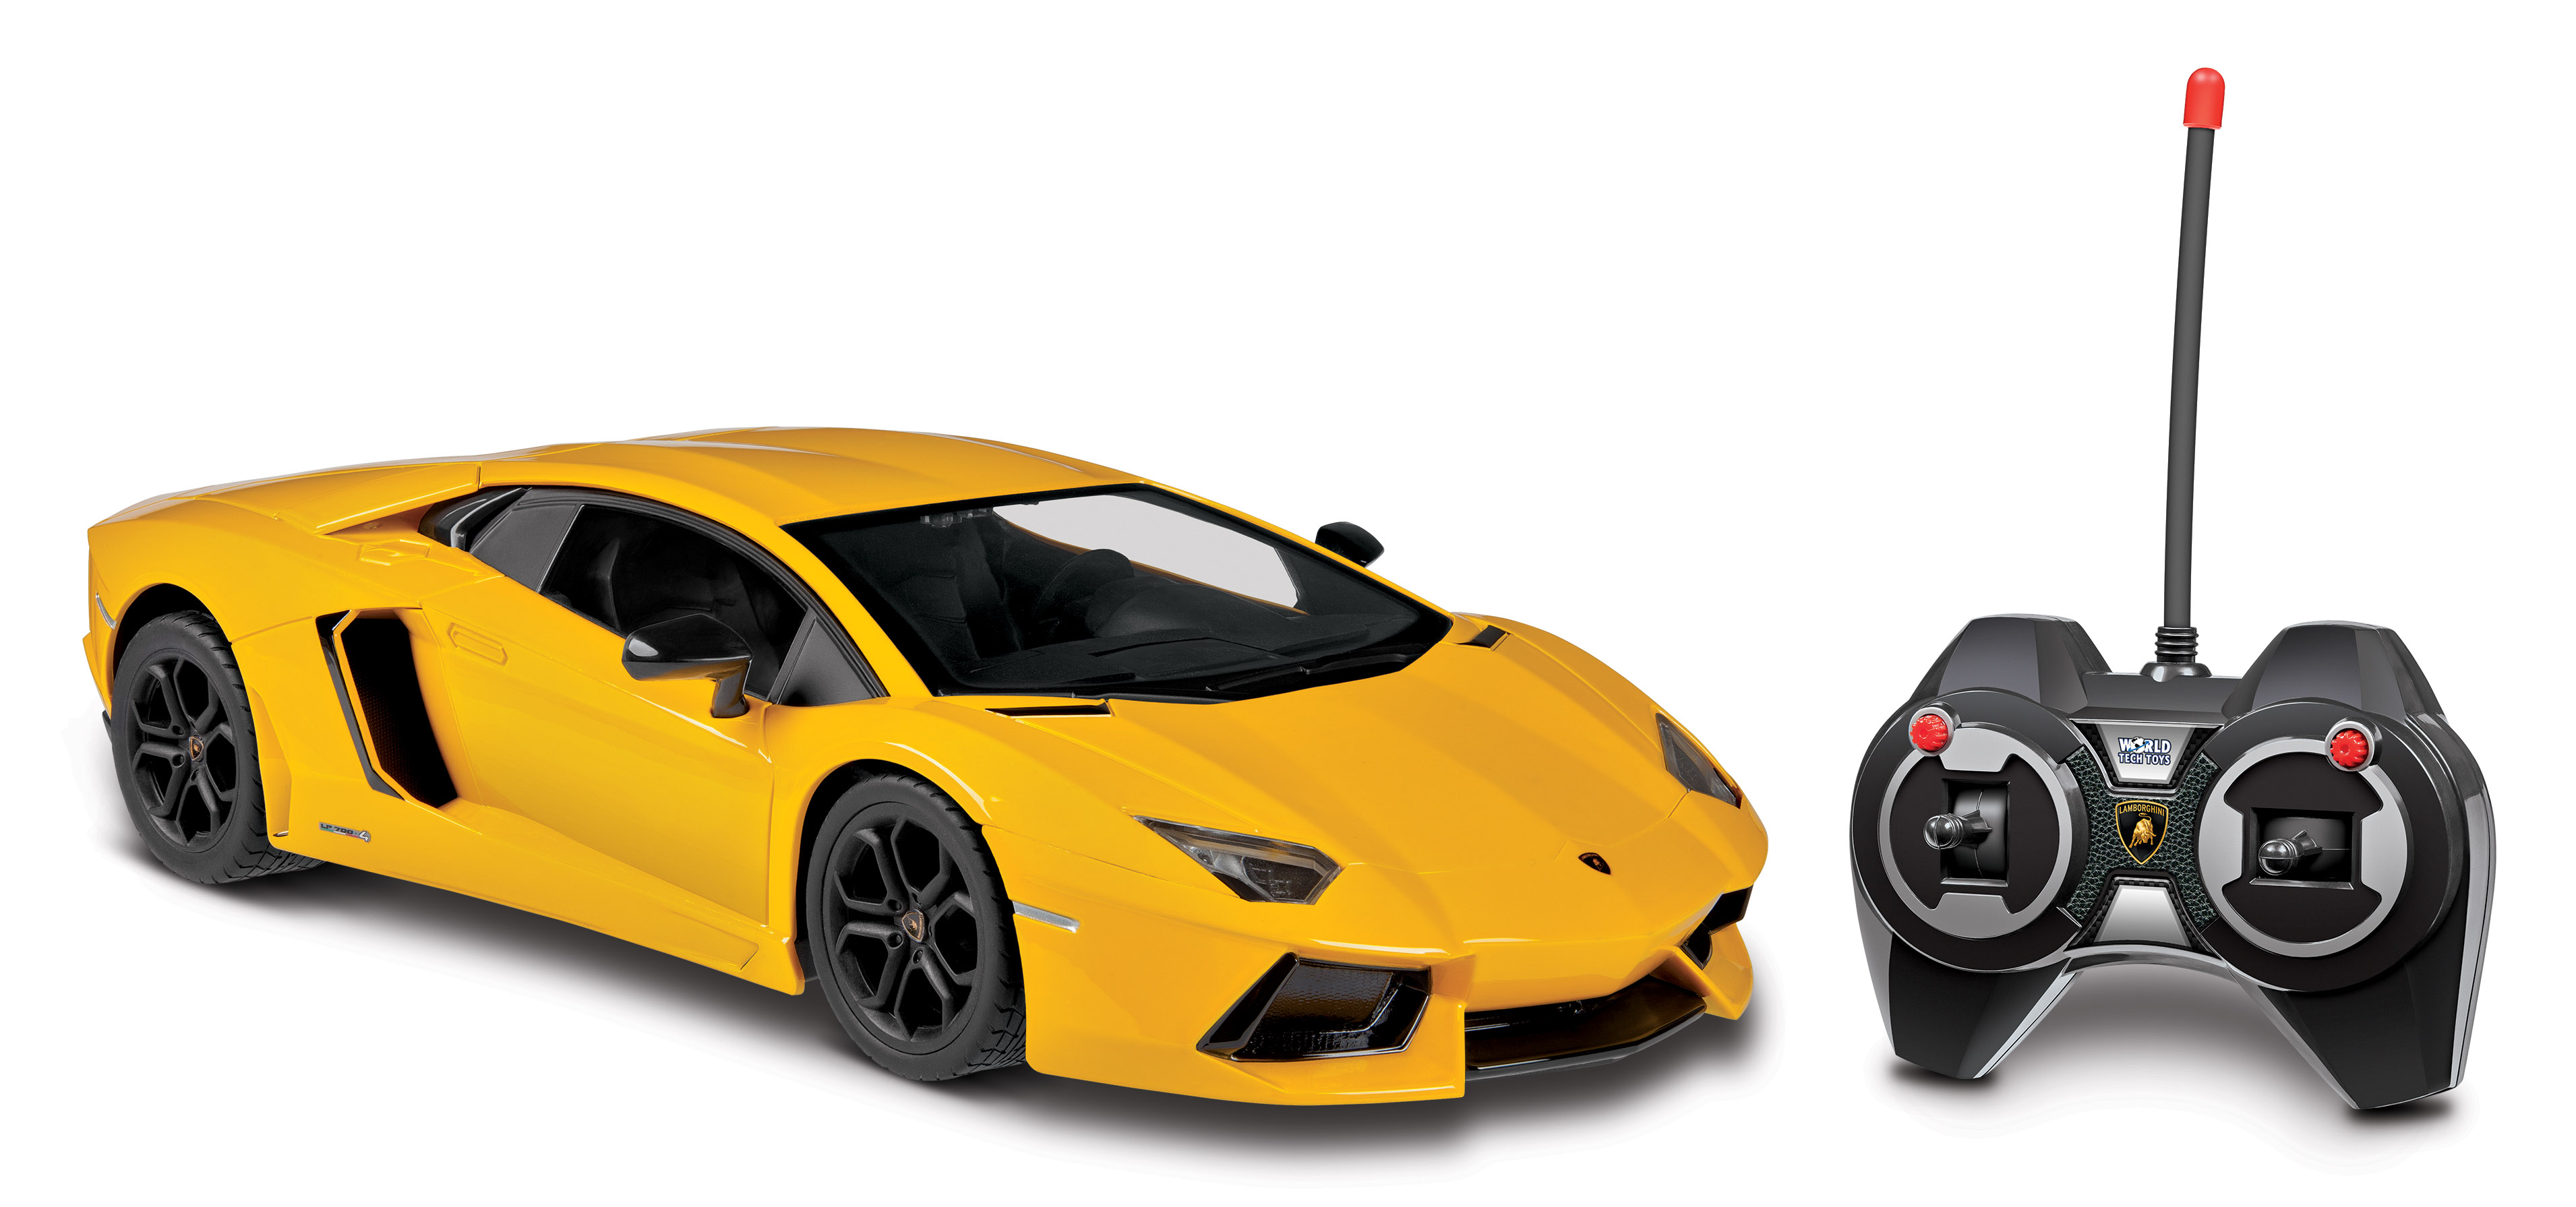 Lamborghini Aventador LP 700-4 1:12 Electric RC Car (Multiple Colors Available)